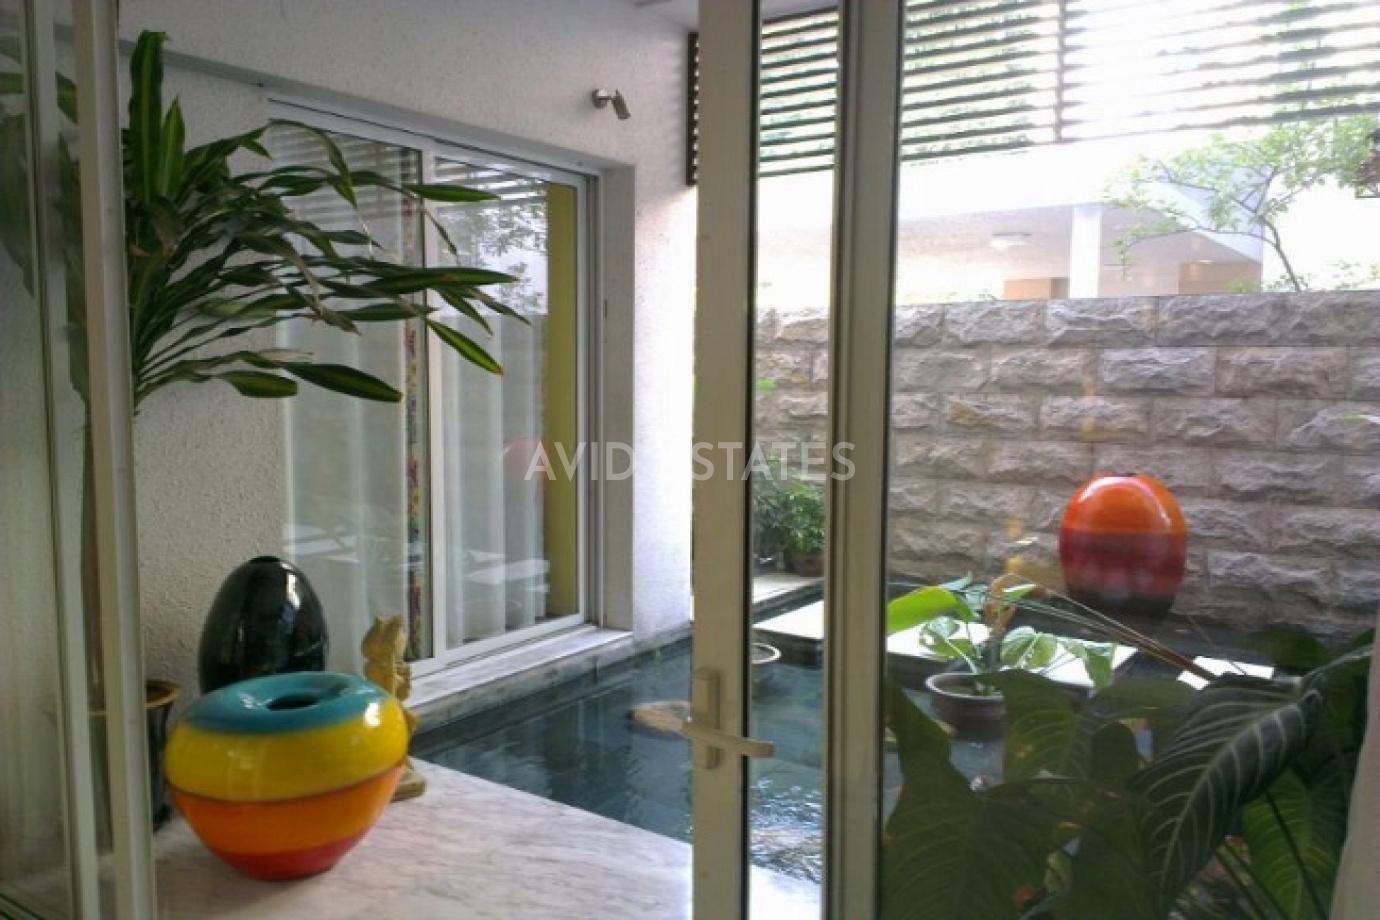 Seventy Damansara, Damansara Heights,Kuala Lumpur, 5 Bedrooms Bedrooms, ,7 BathroomsBathrooms,Bungalow / Detached,For Sale,3, Seventy Damansara,1442